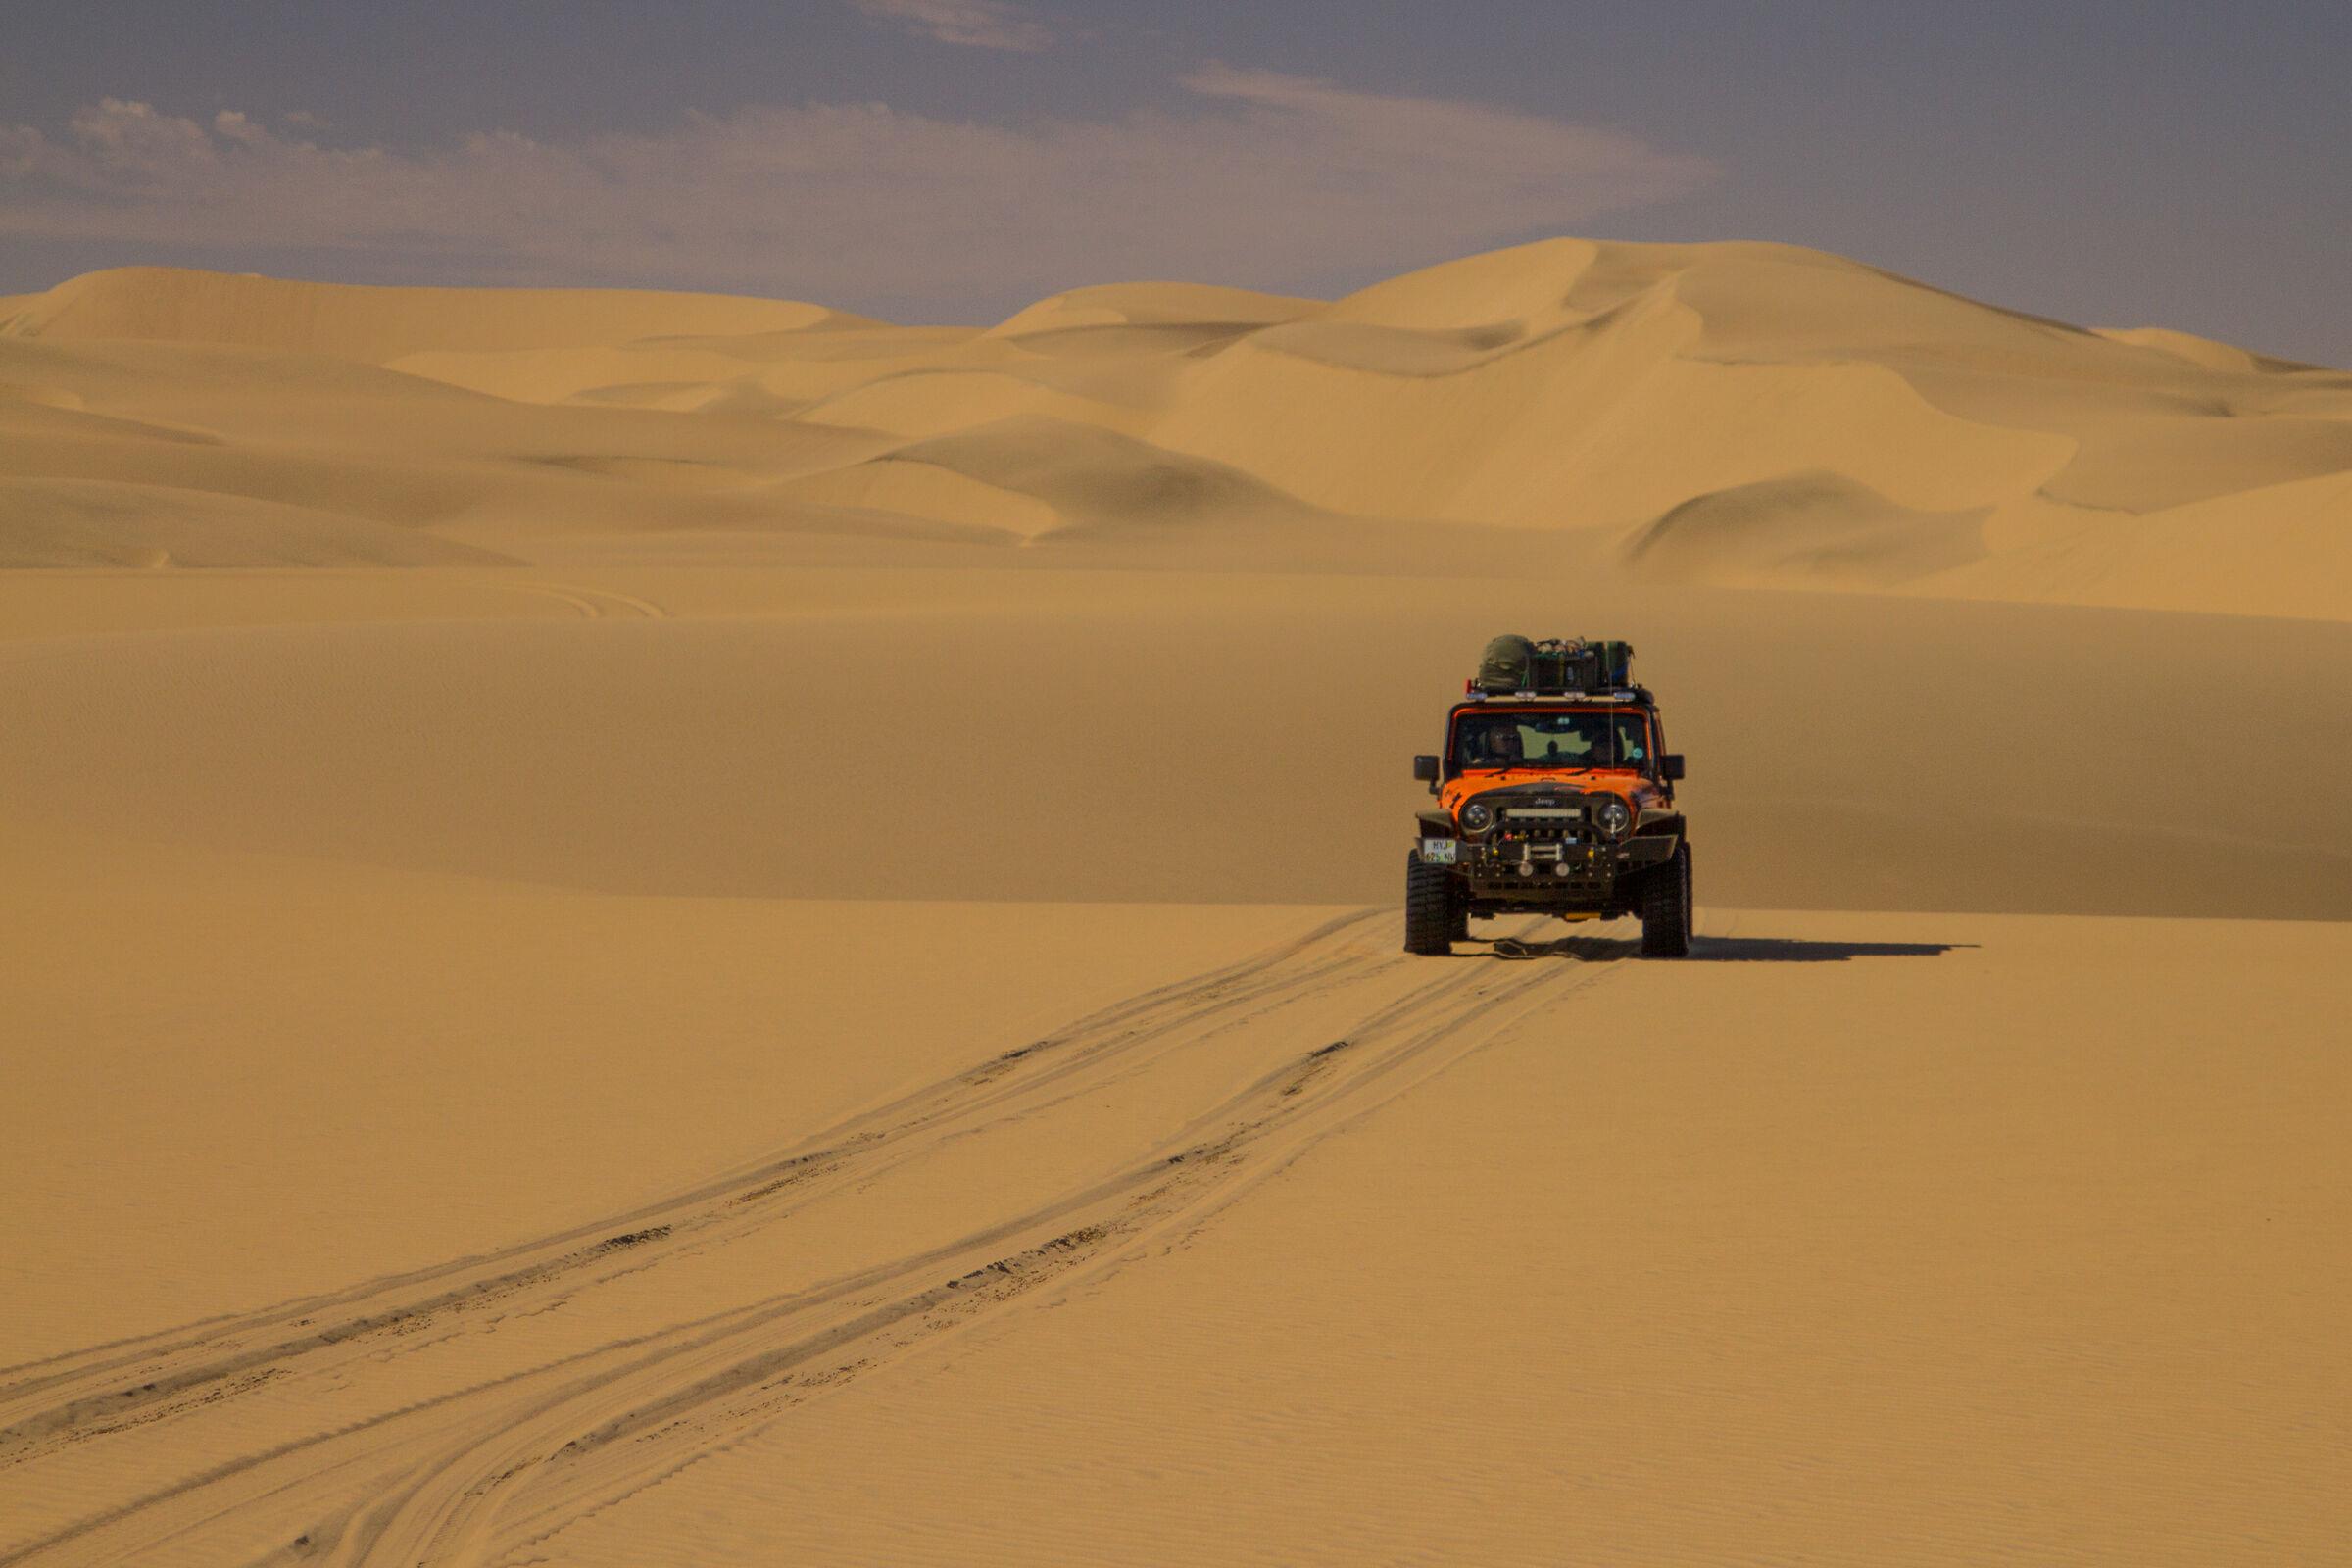 La traversata del deserto...